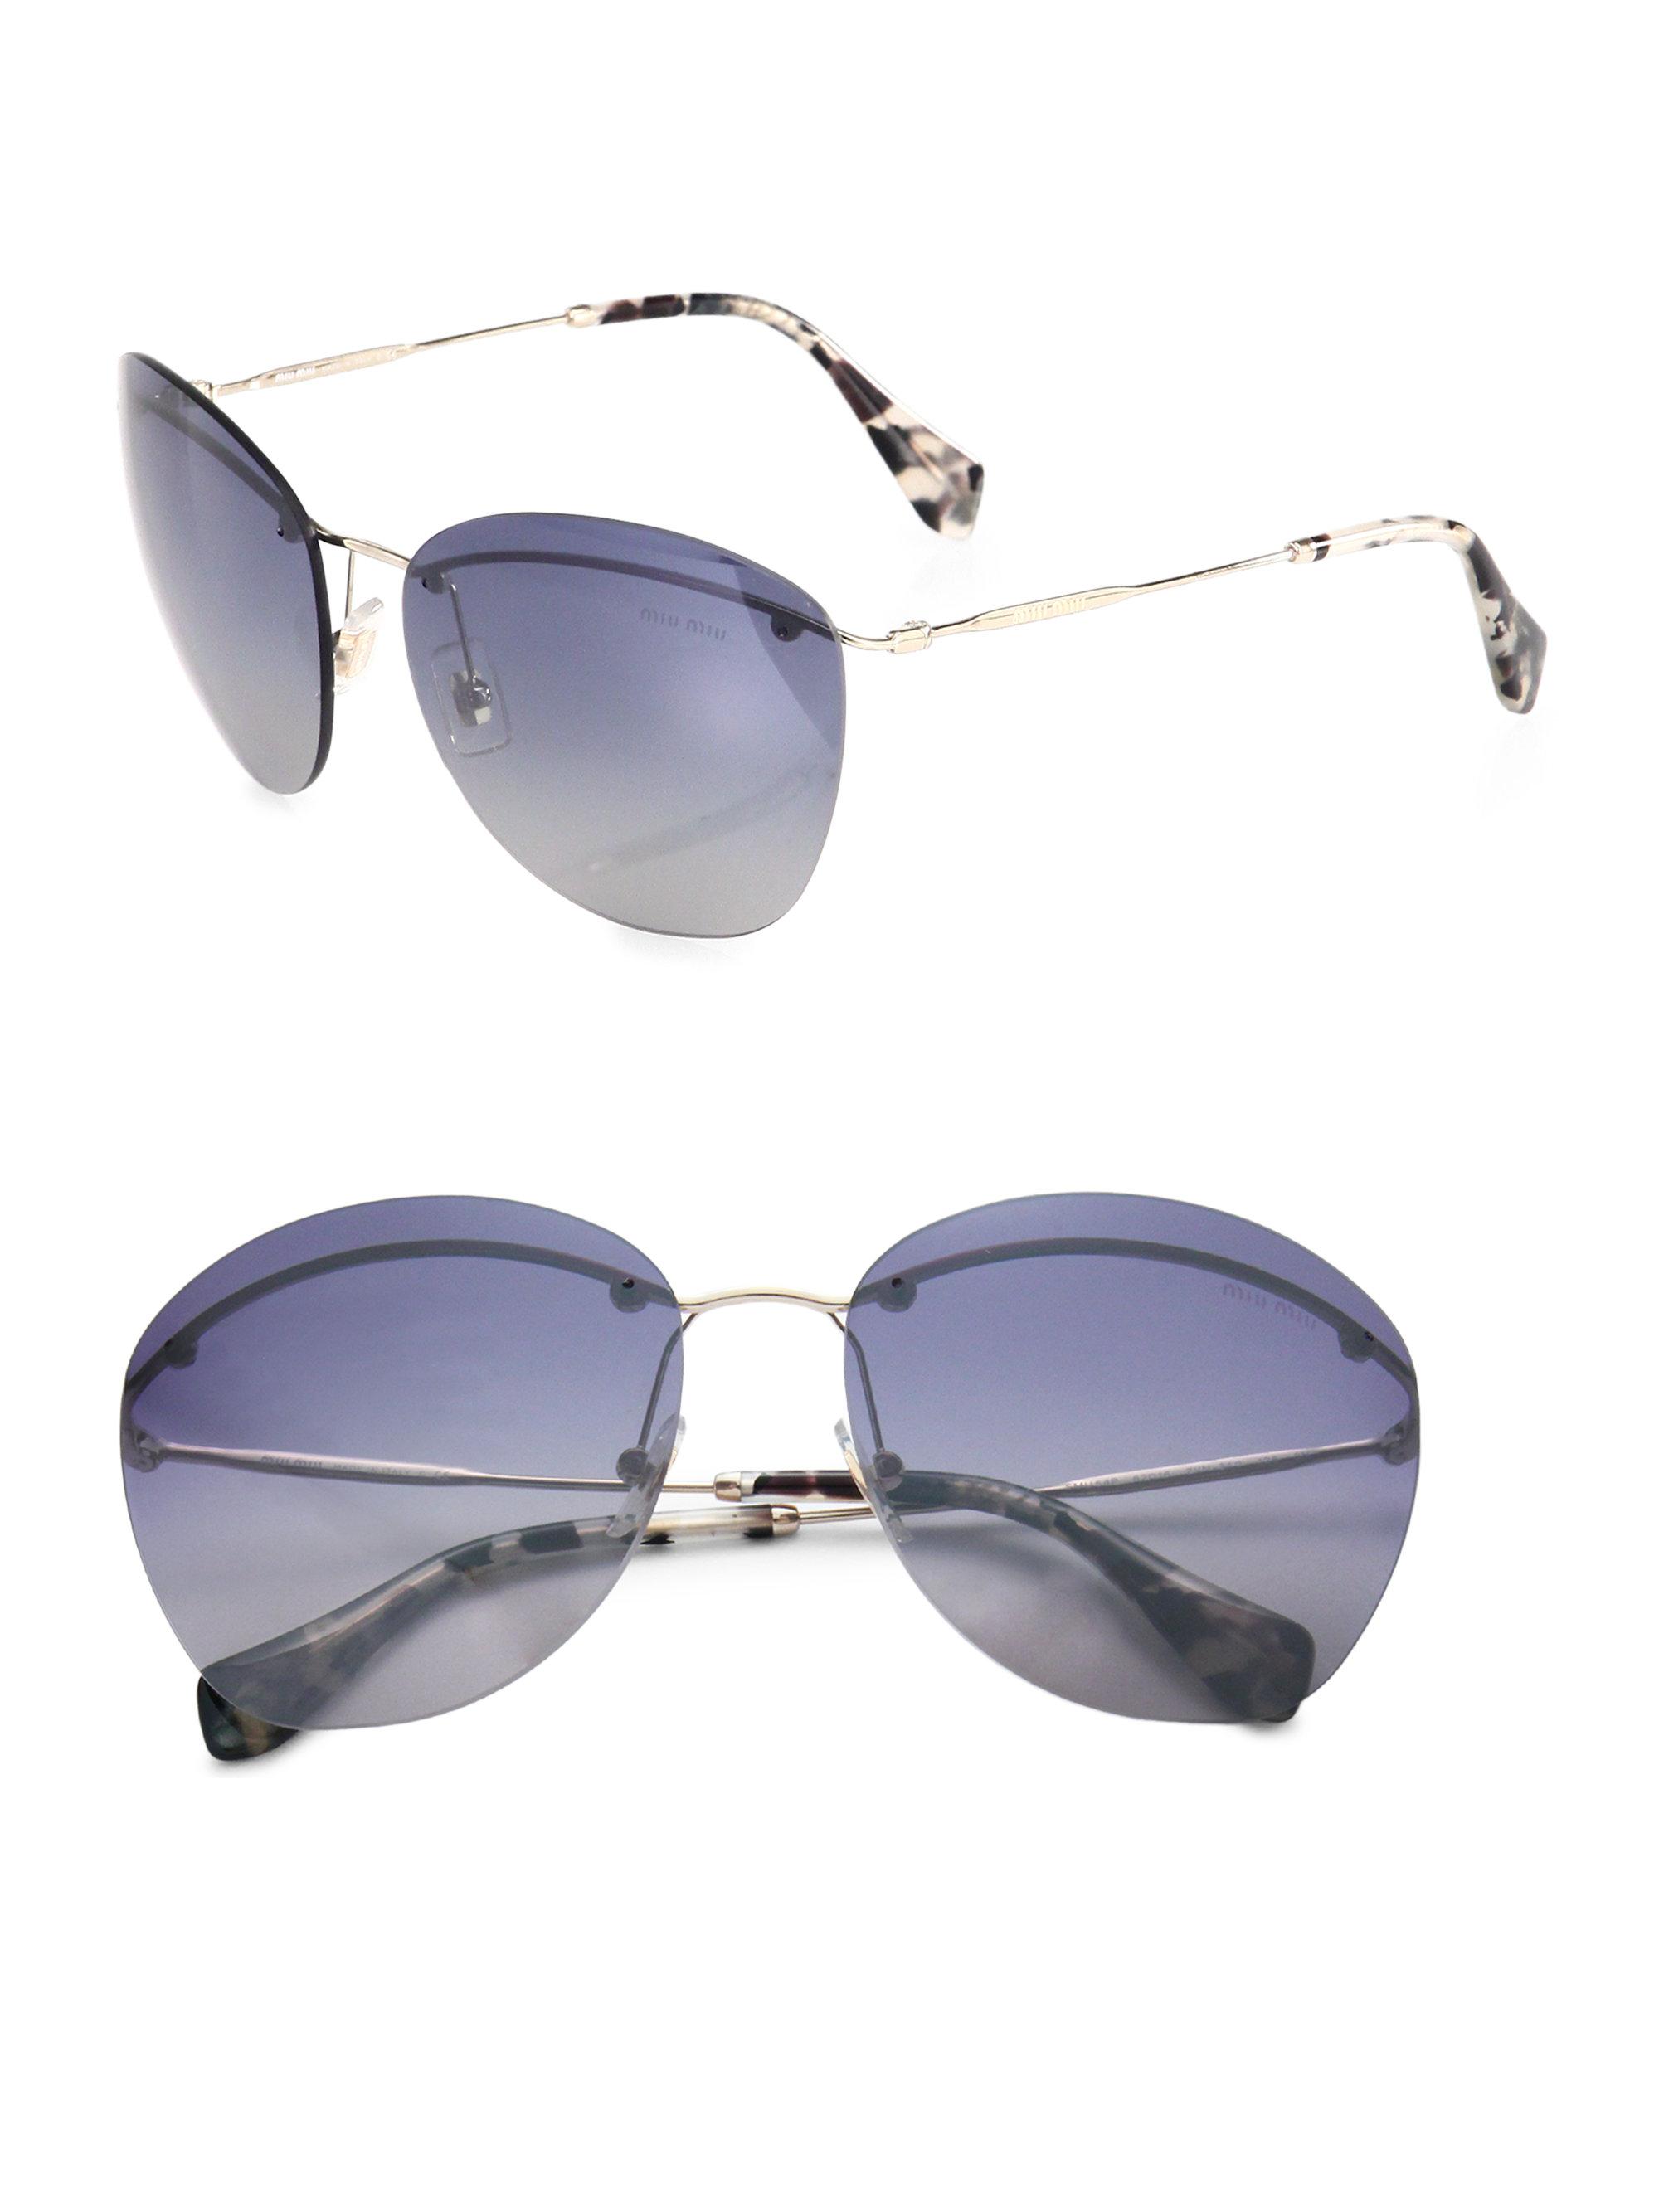 Miu miu Frameless Aviator Sunglasses in Blue Lyst